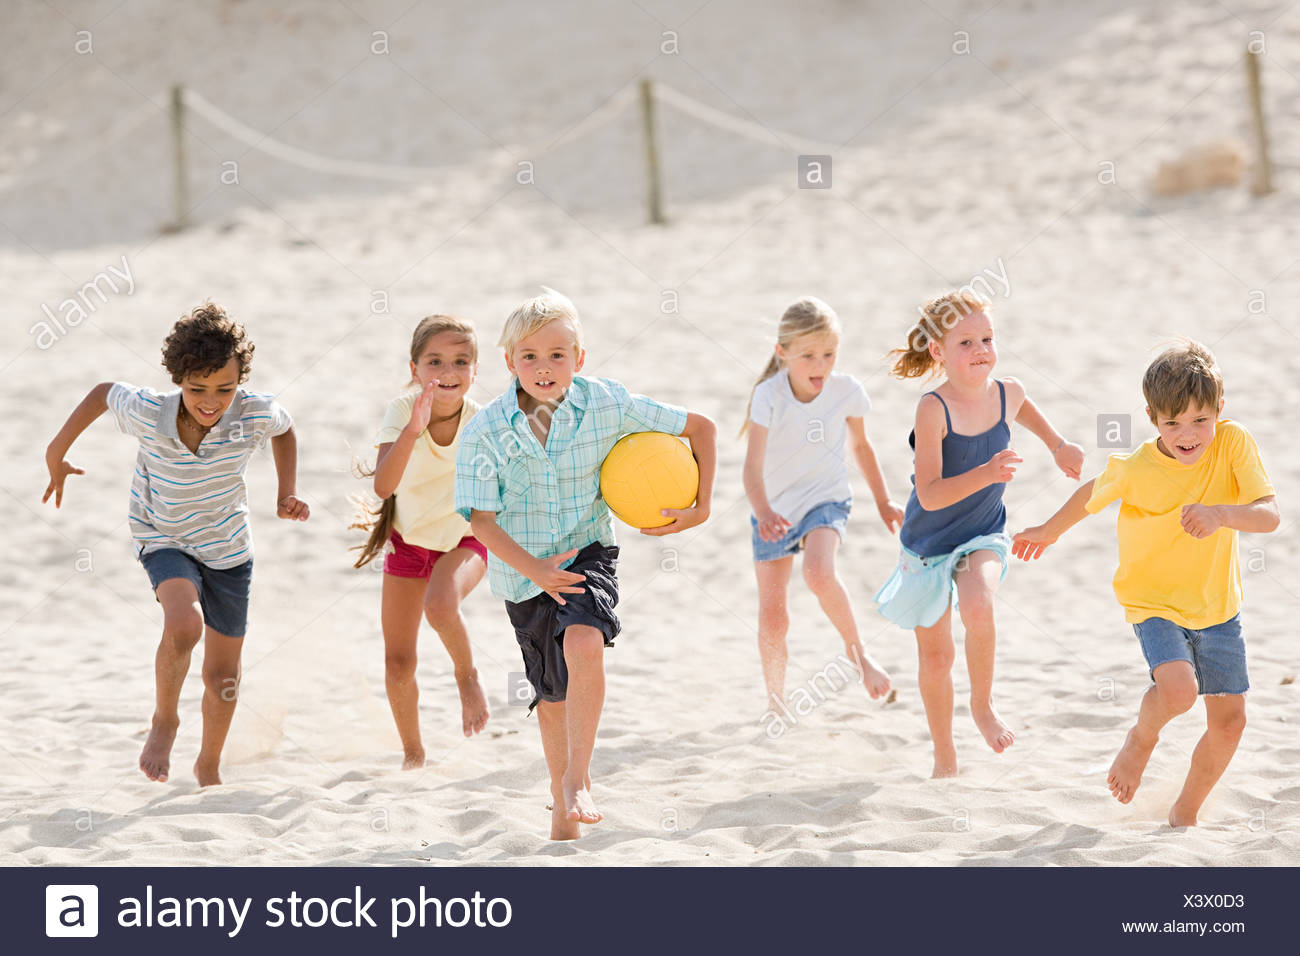 Children running across beach Stock Photo